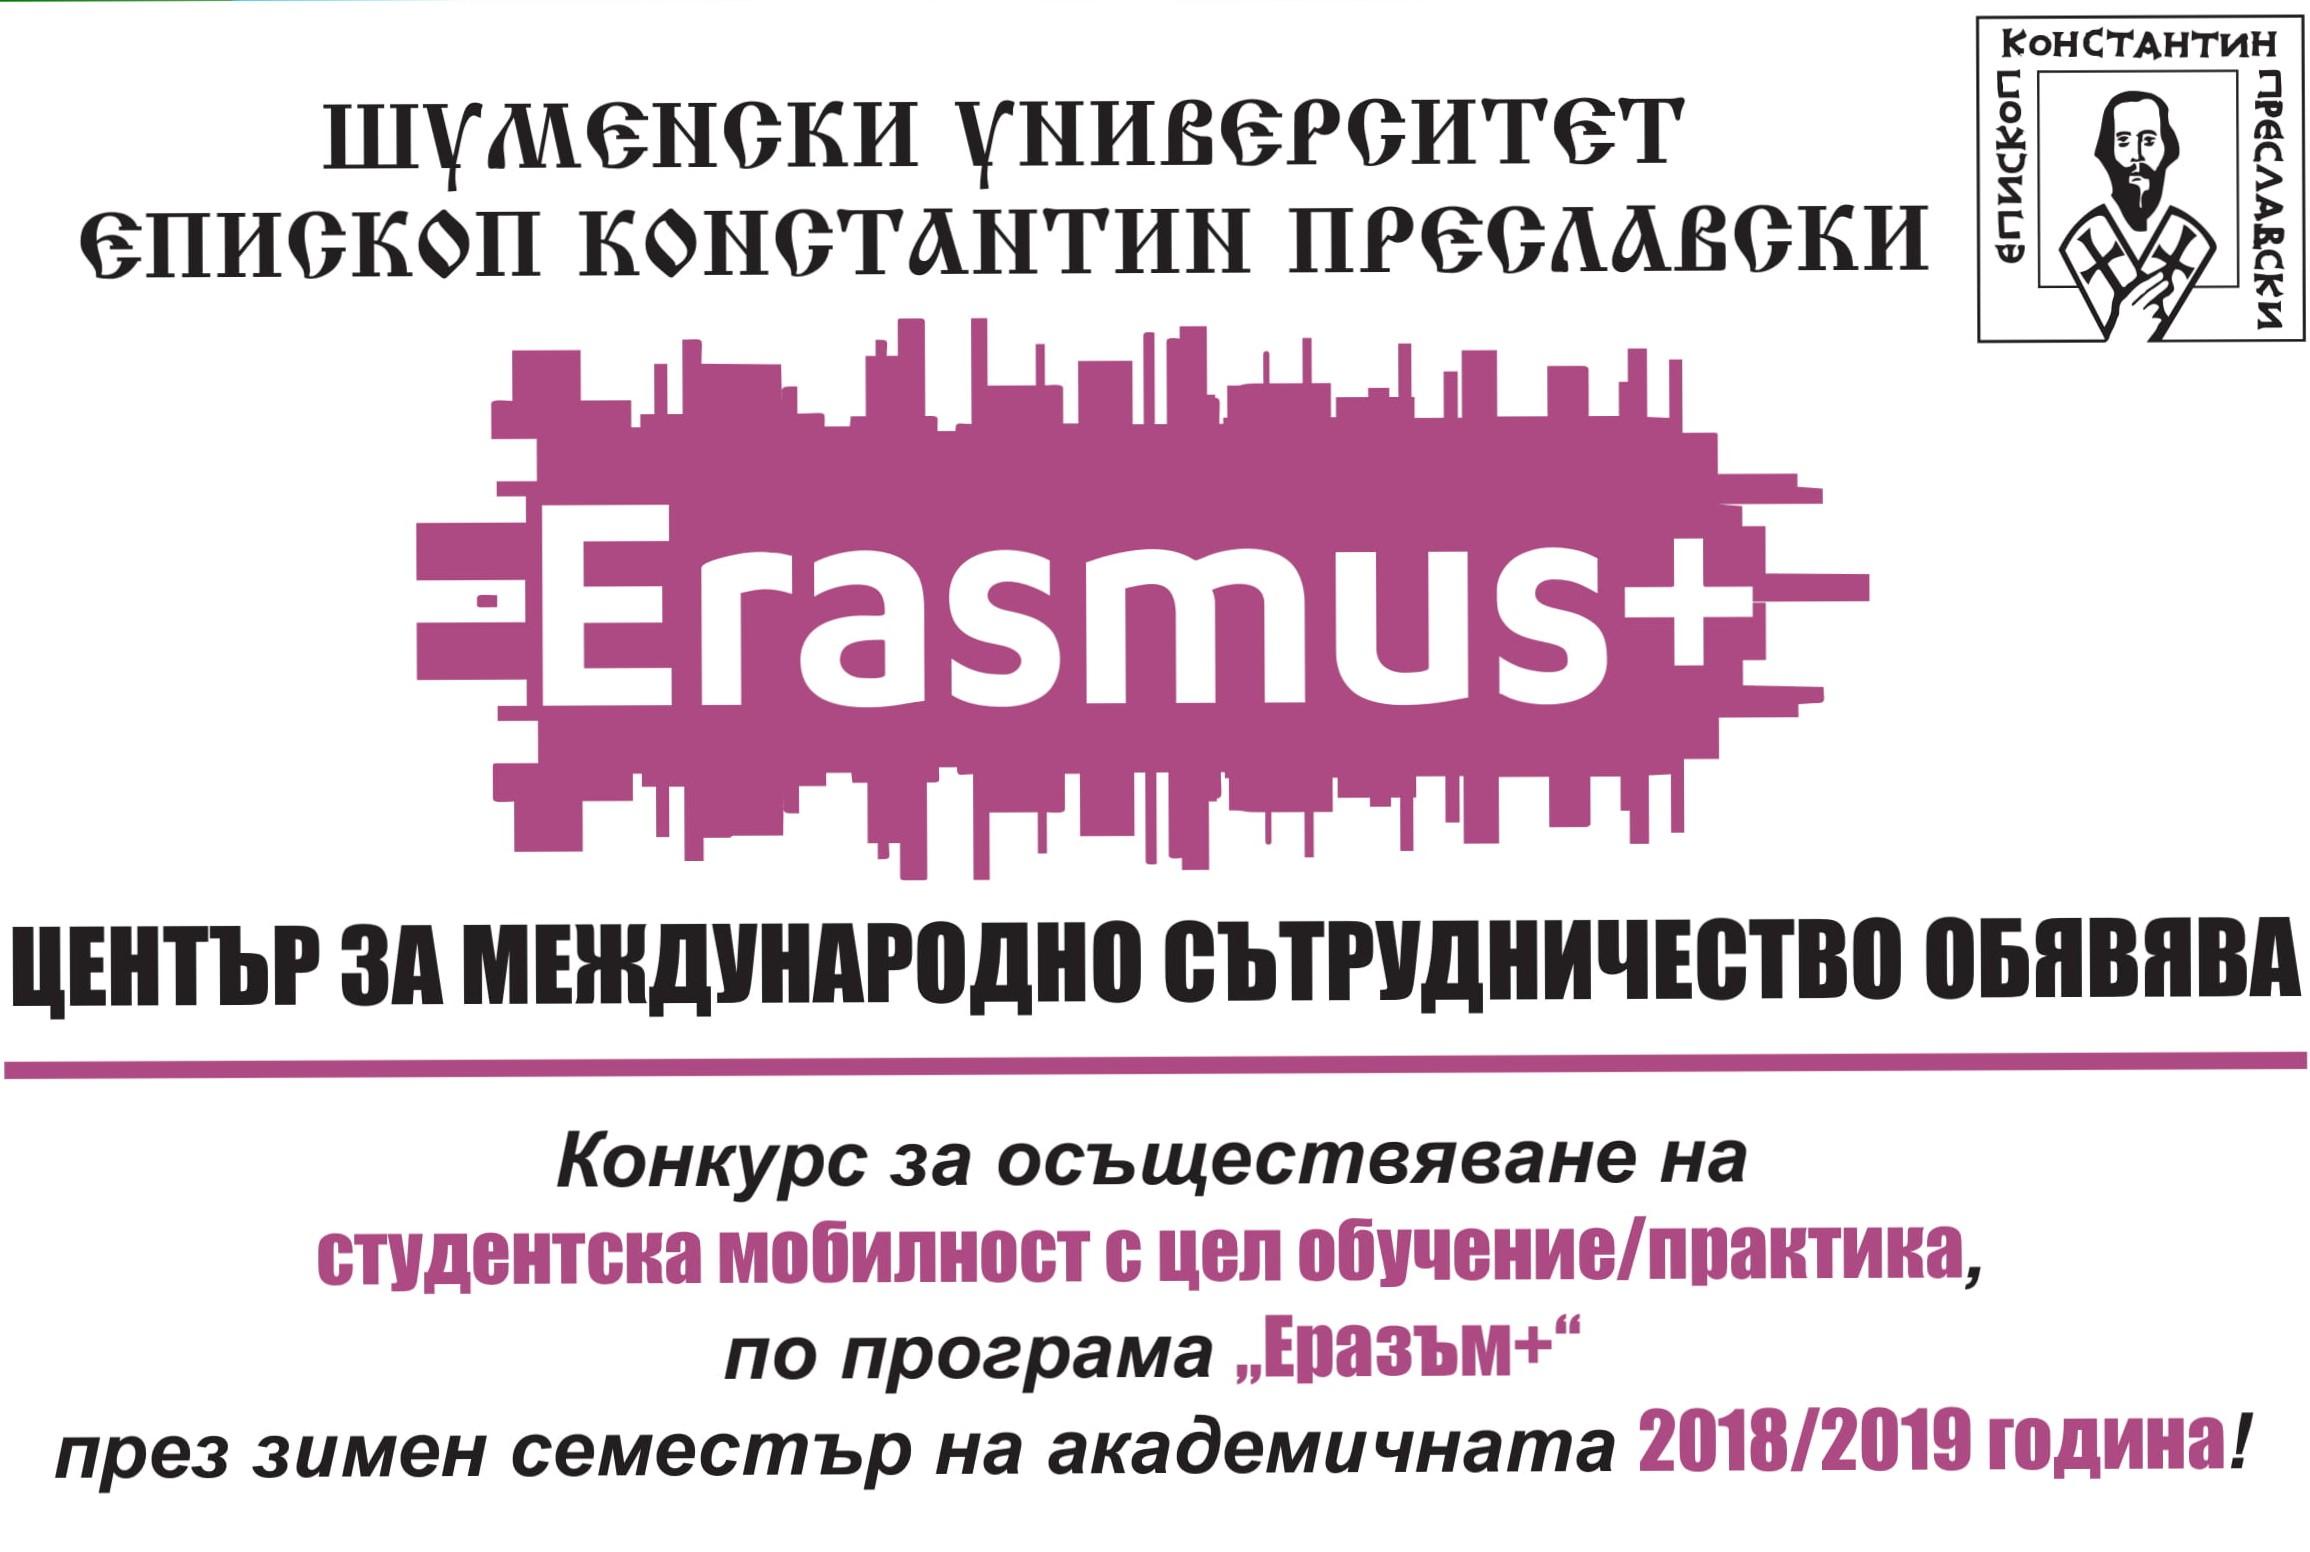 Кампания за студентска мобилност